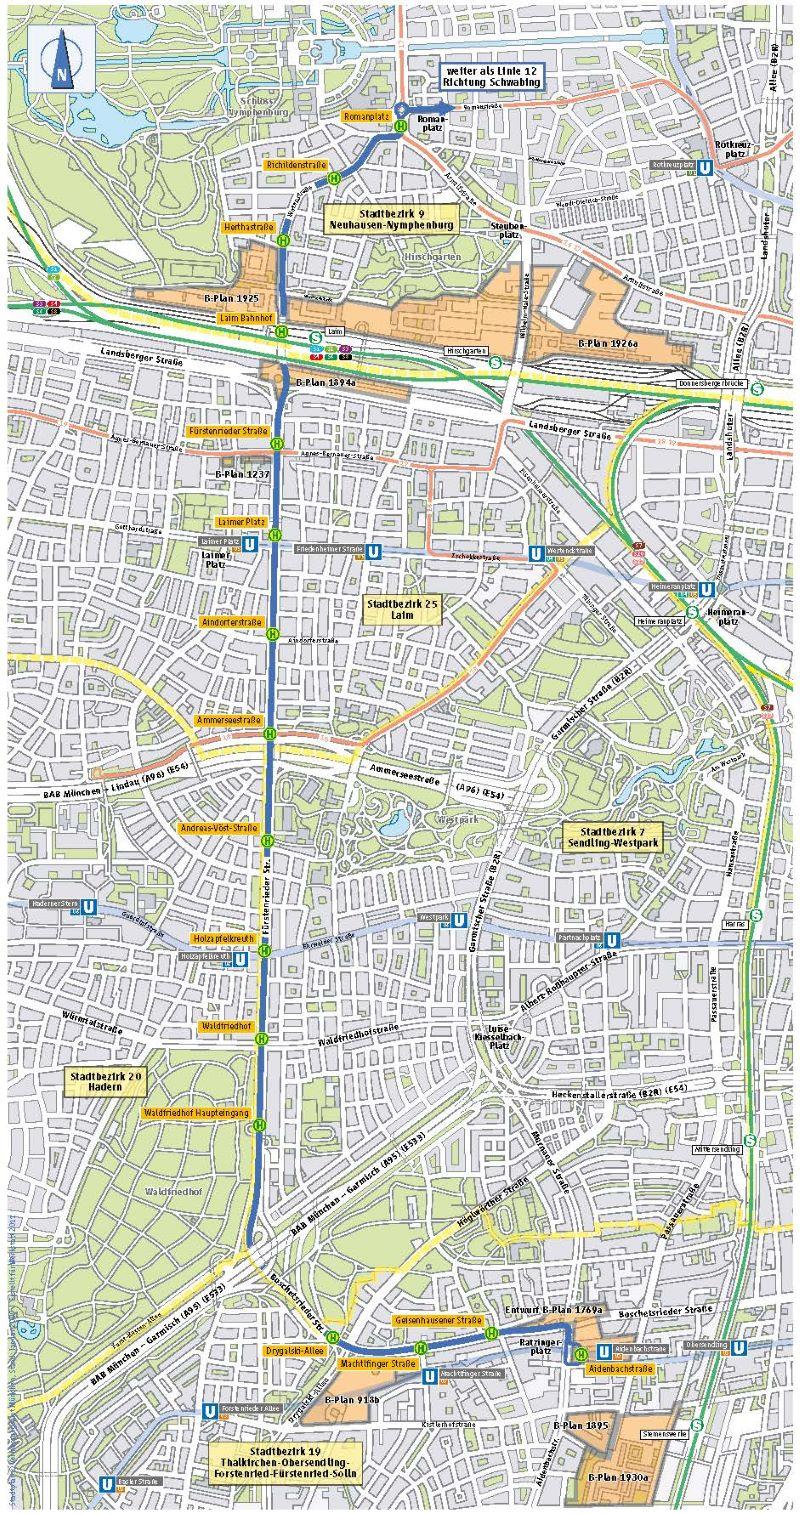 Rund 9 km lang ist die Tram-Westtangente in München. Sie verbindet den Romanplatz im Norden mit der Aidenbachstraße im Süden (Quelle: Münchner Verkehrsgesellschaft).